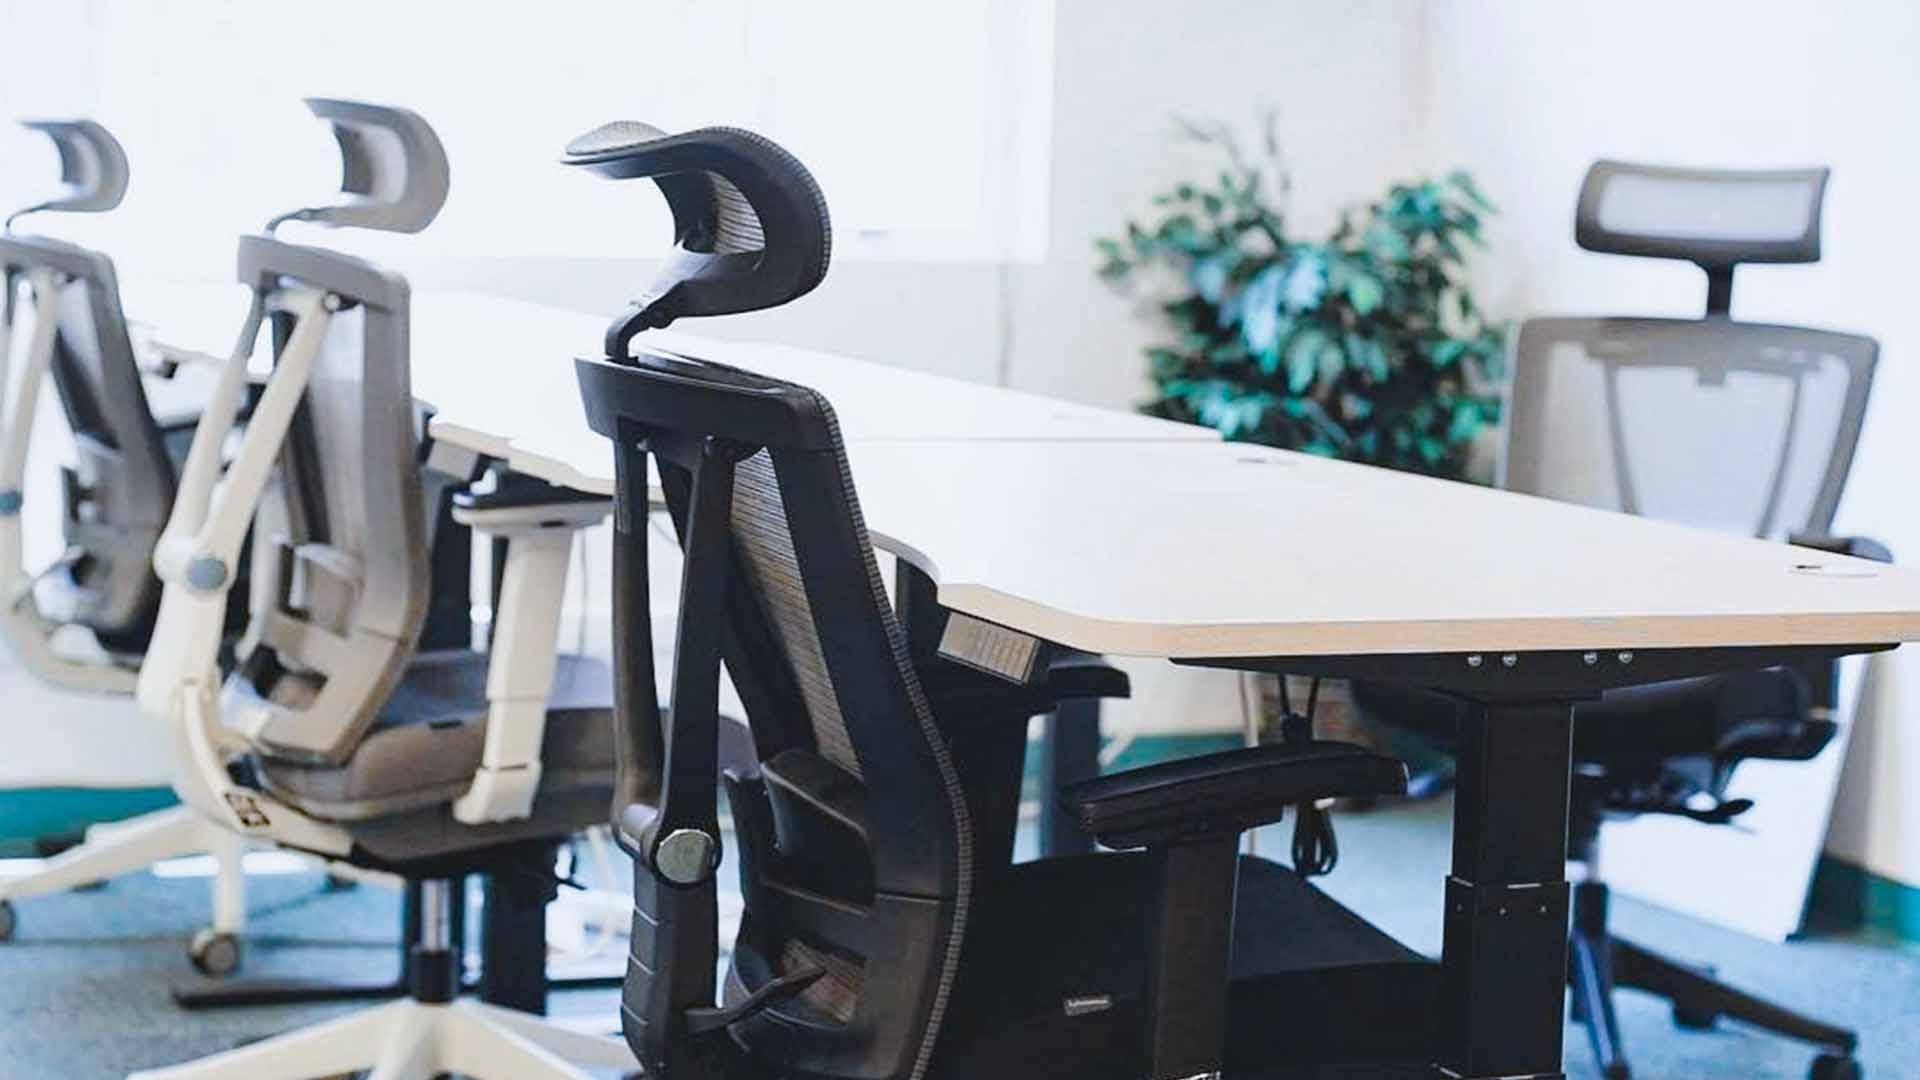 What make a ergonomic chair